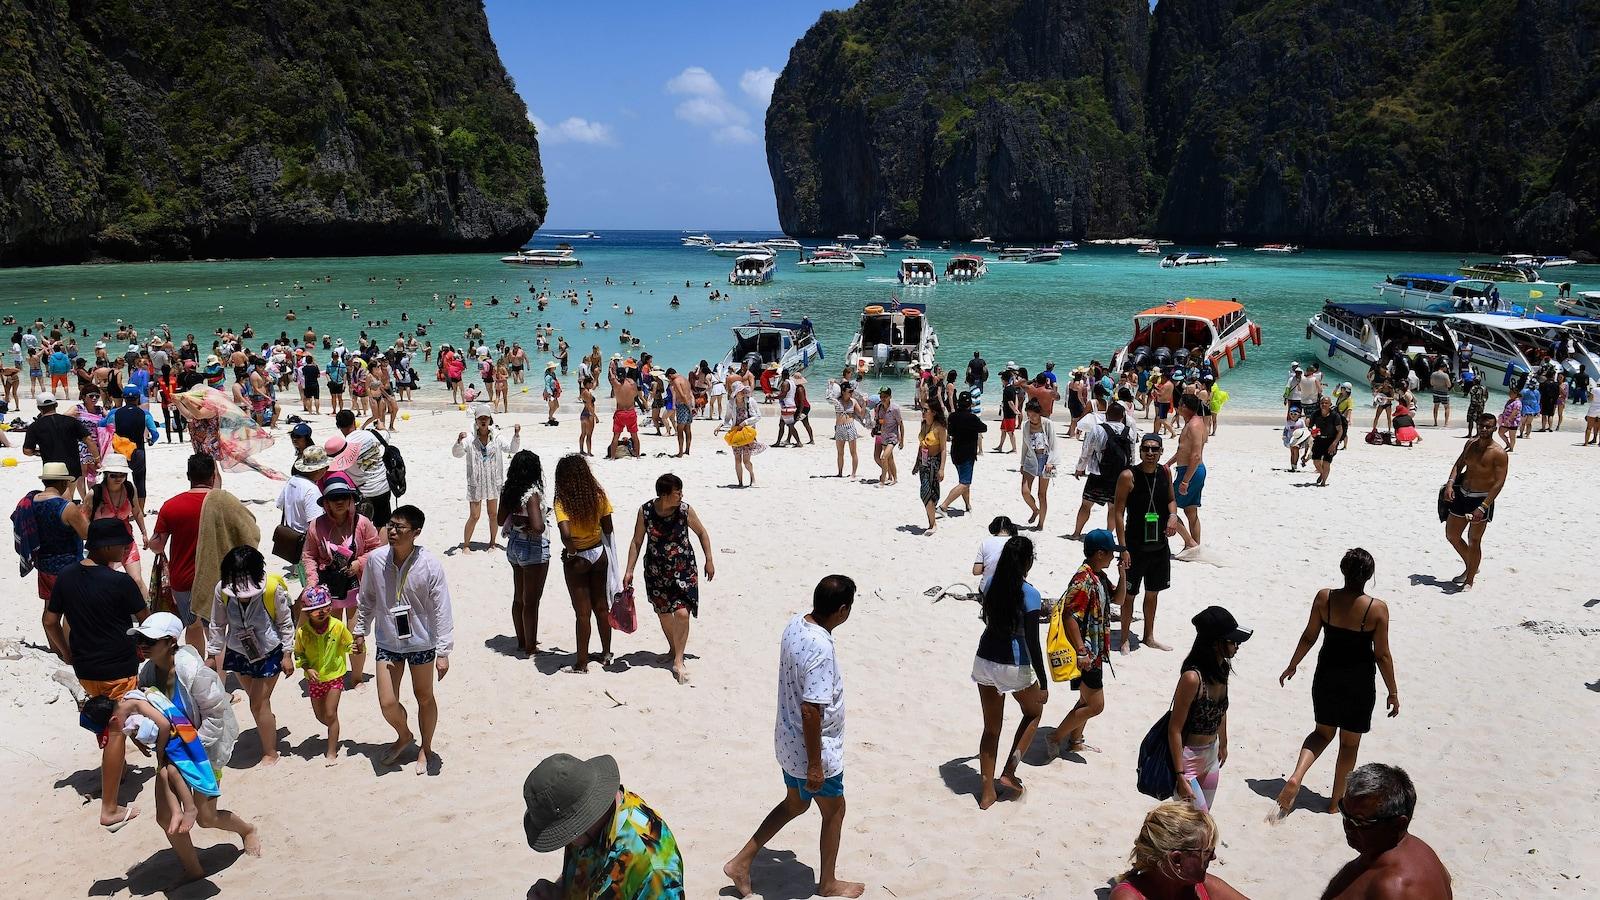 De nombreux touristes sur la plage Maya, en Thaïlande